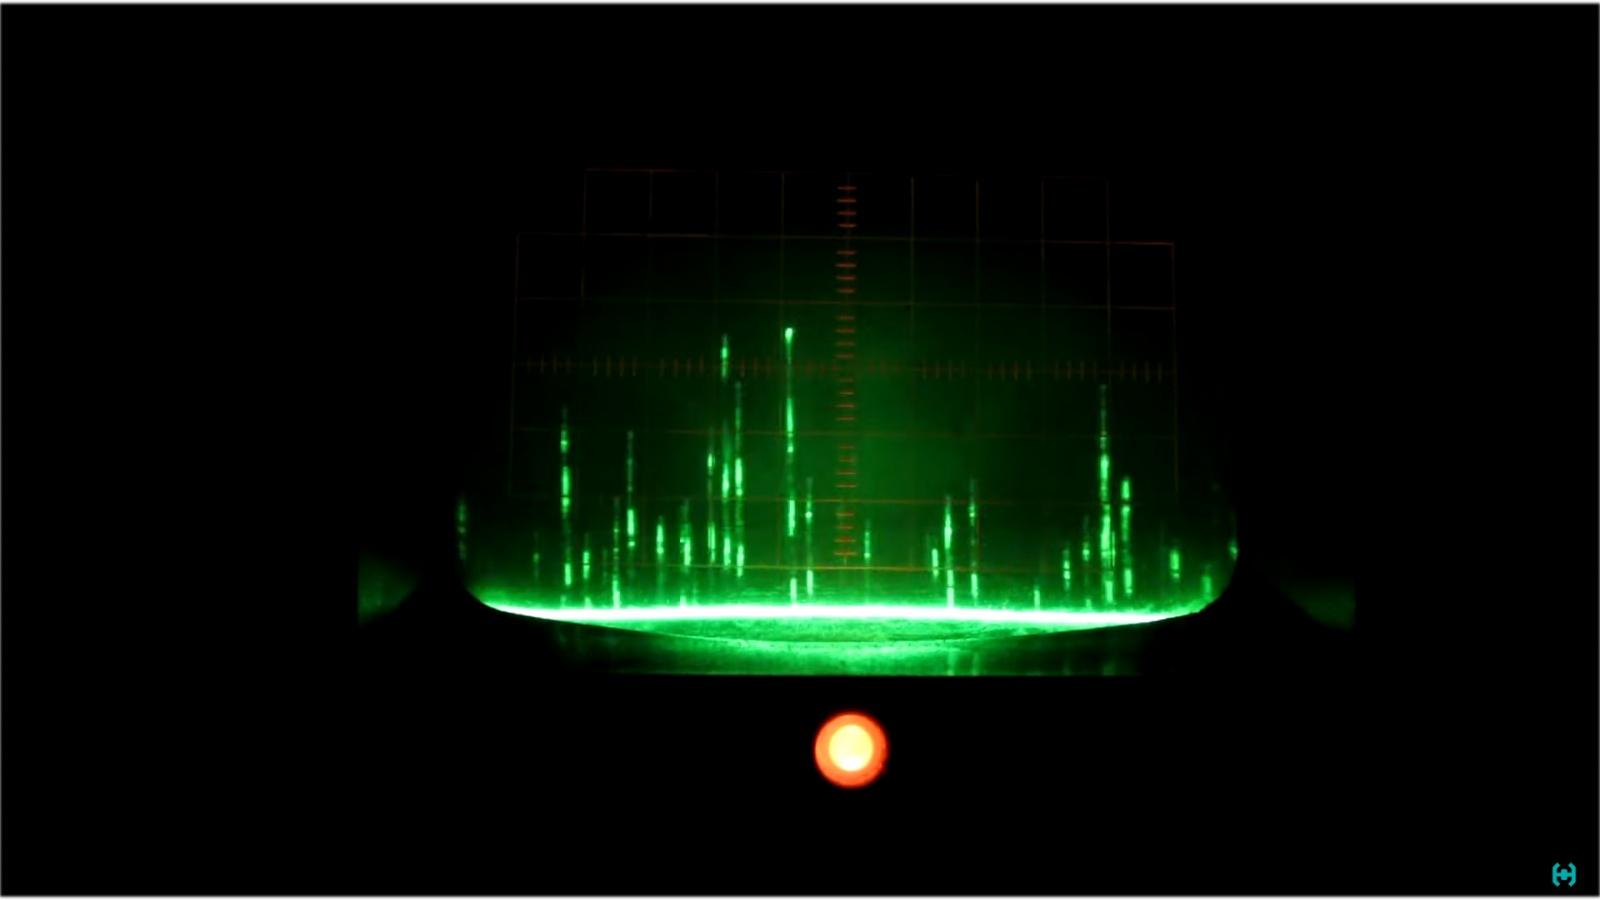 Радиоактивные продукты. Гамма-спектрометр. Часть 1 - 5